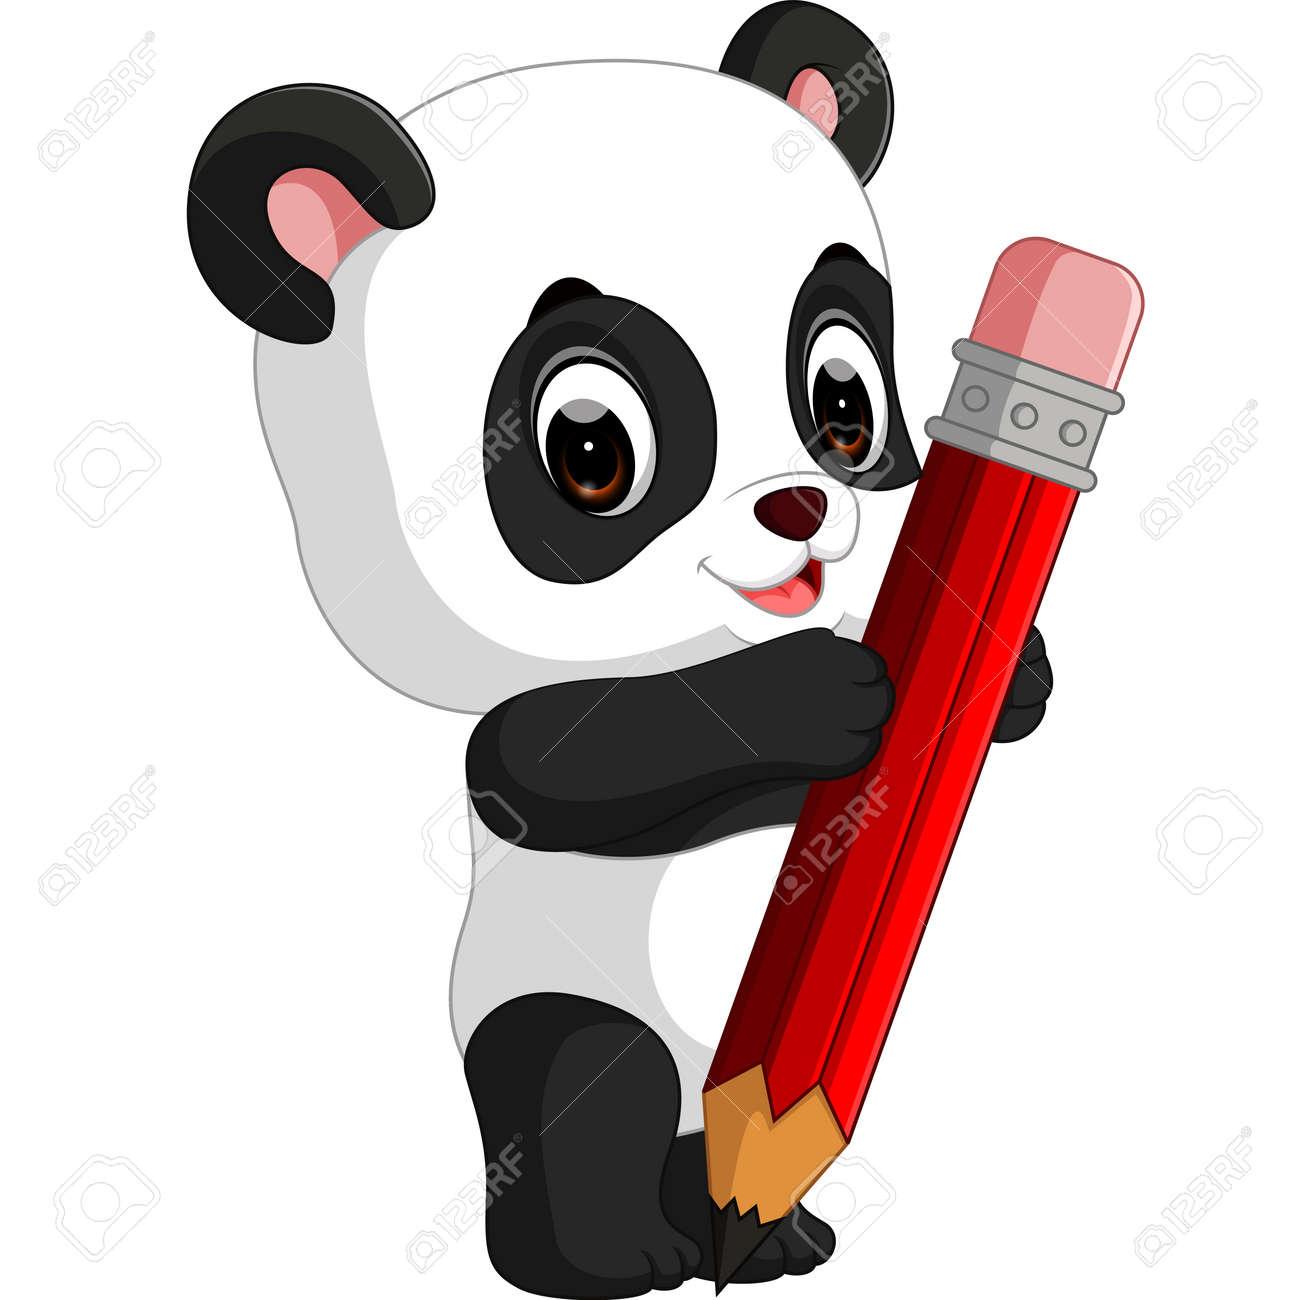 Cute panda cartoon holding pencil - 69149210